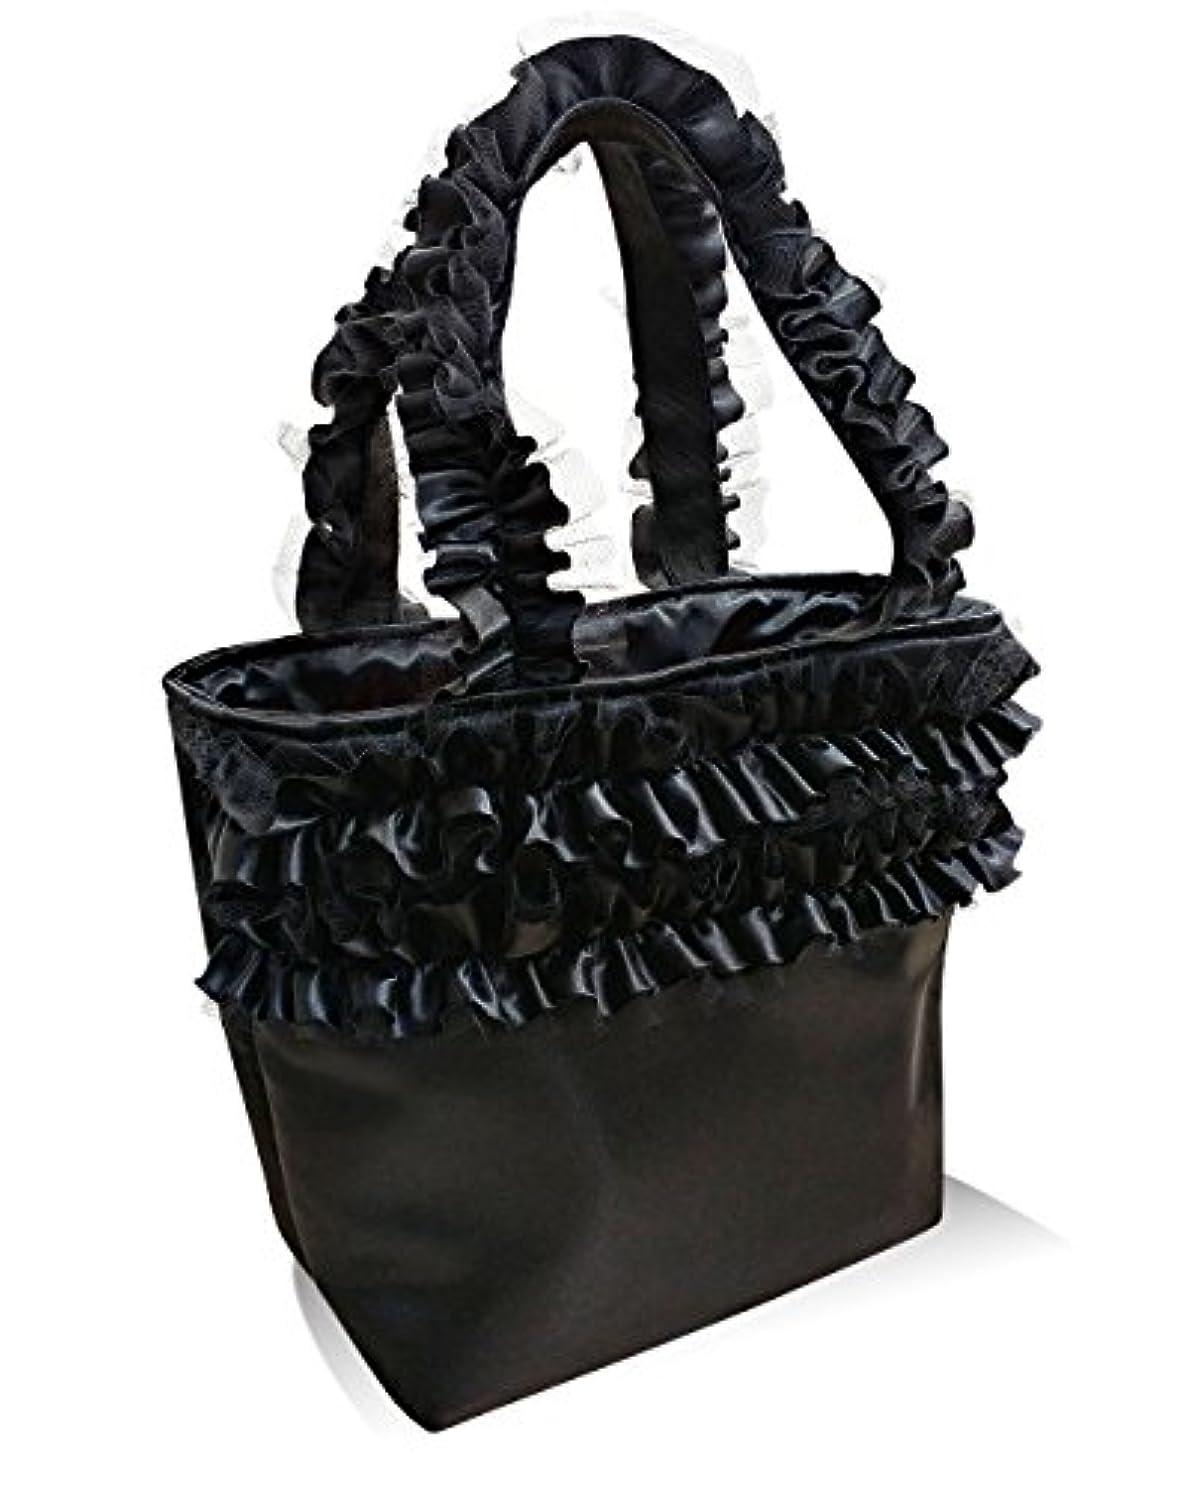 トートバッグ 通勤バッグ 通学バッグ レディースバッグ フリルハンドルバッグ バッグ おしゃれトート 日本製 ジュリエットトートバッグ